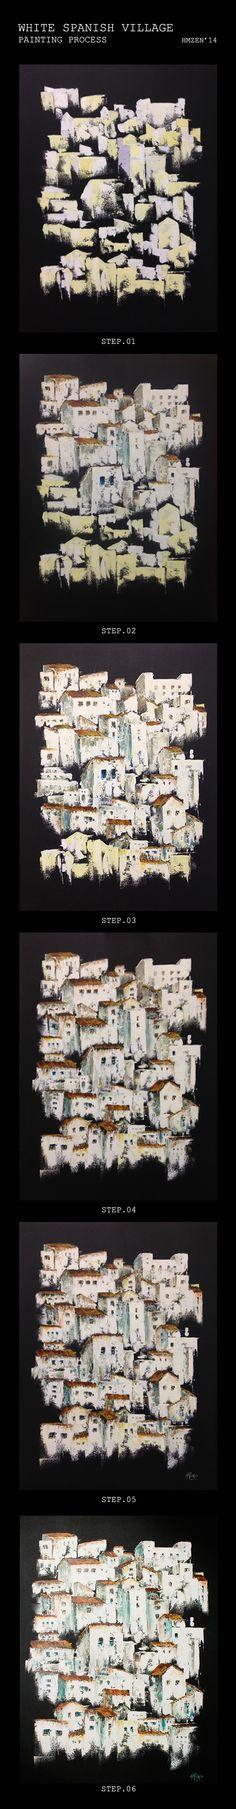 Proceso de creación del acrílico con espátula - Pueblo Español Blanco. Creation process of acrylic with spatula -  White Spanish Village. HMZEN'14